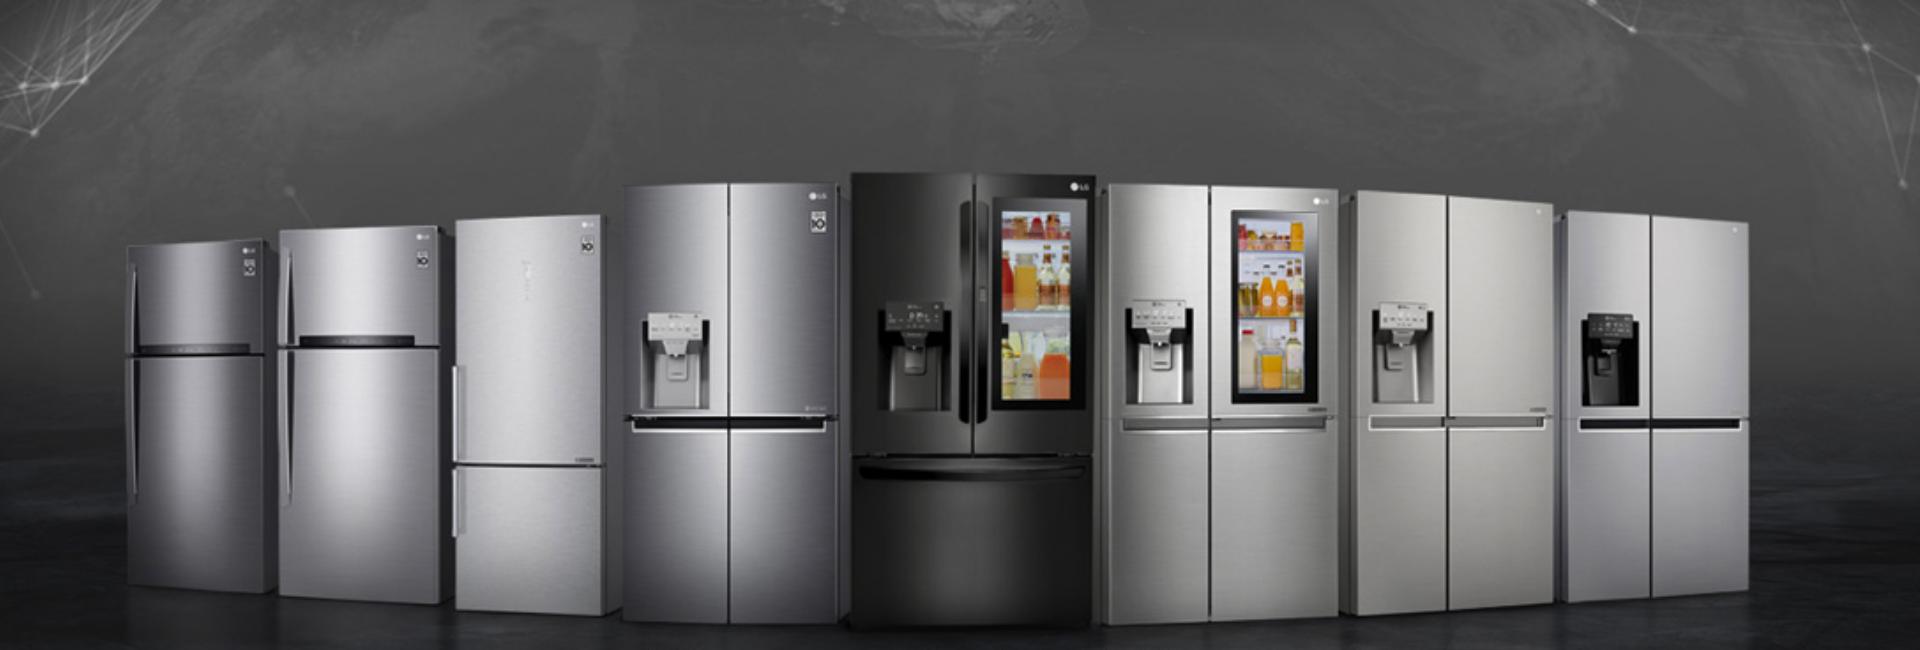 Geladeira LG: 6 opções de refrigeradores para comprar em 2020